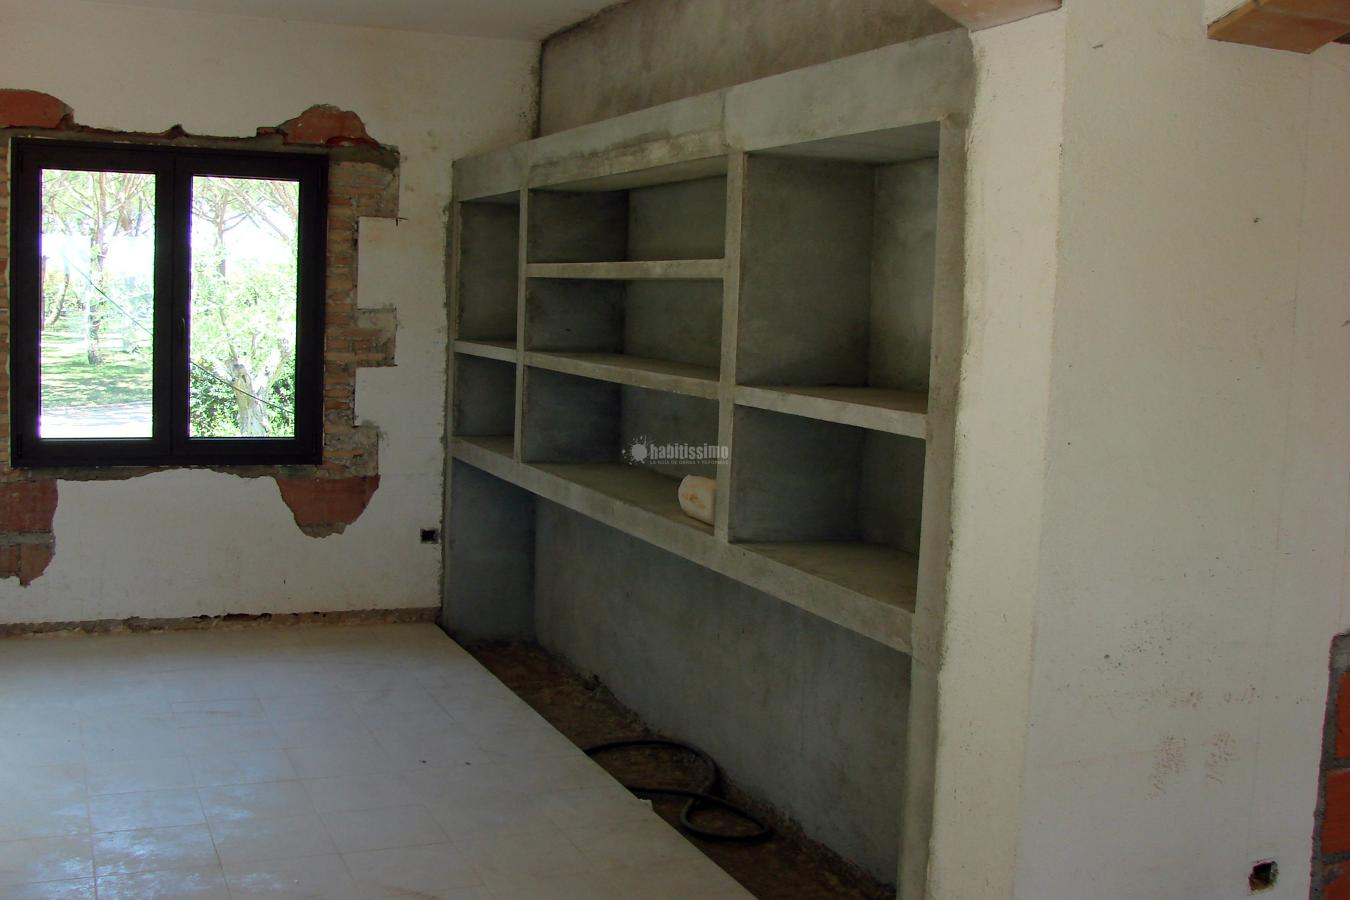 Cemento pulido a casa a l 39 empord ideas alba iles - Bano cemento pulido ...